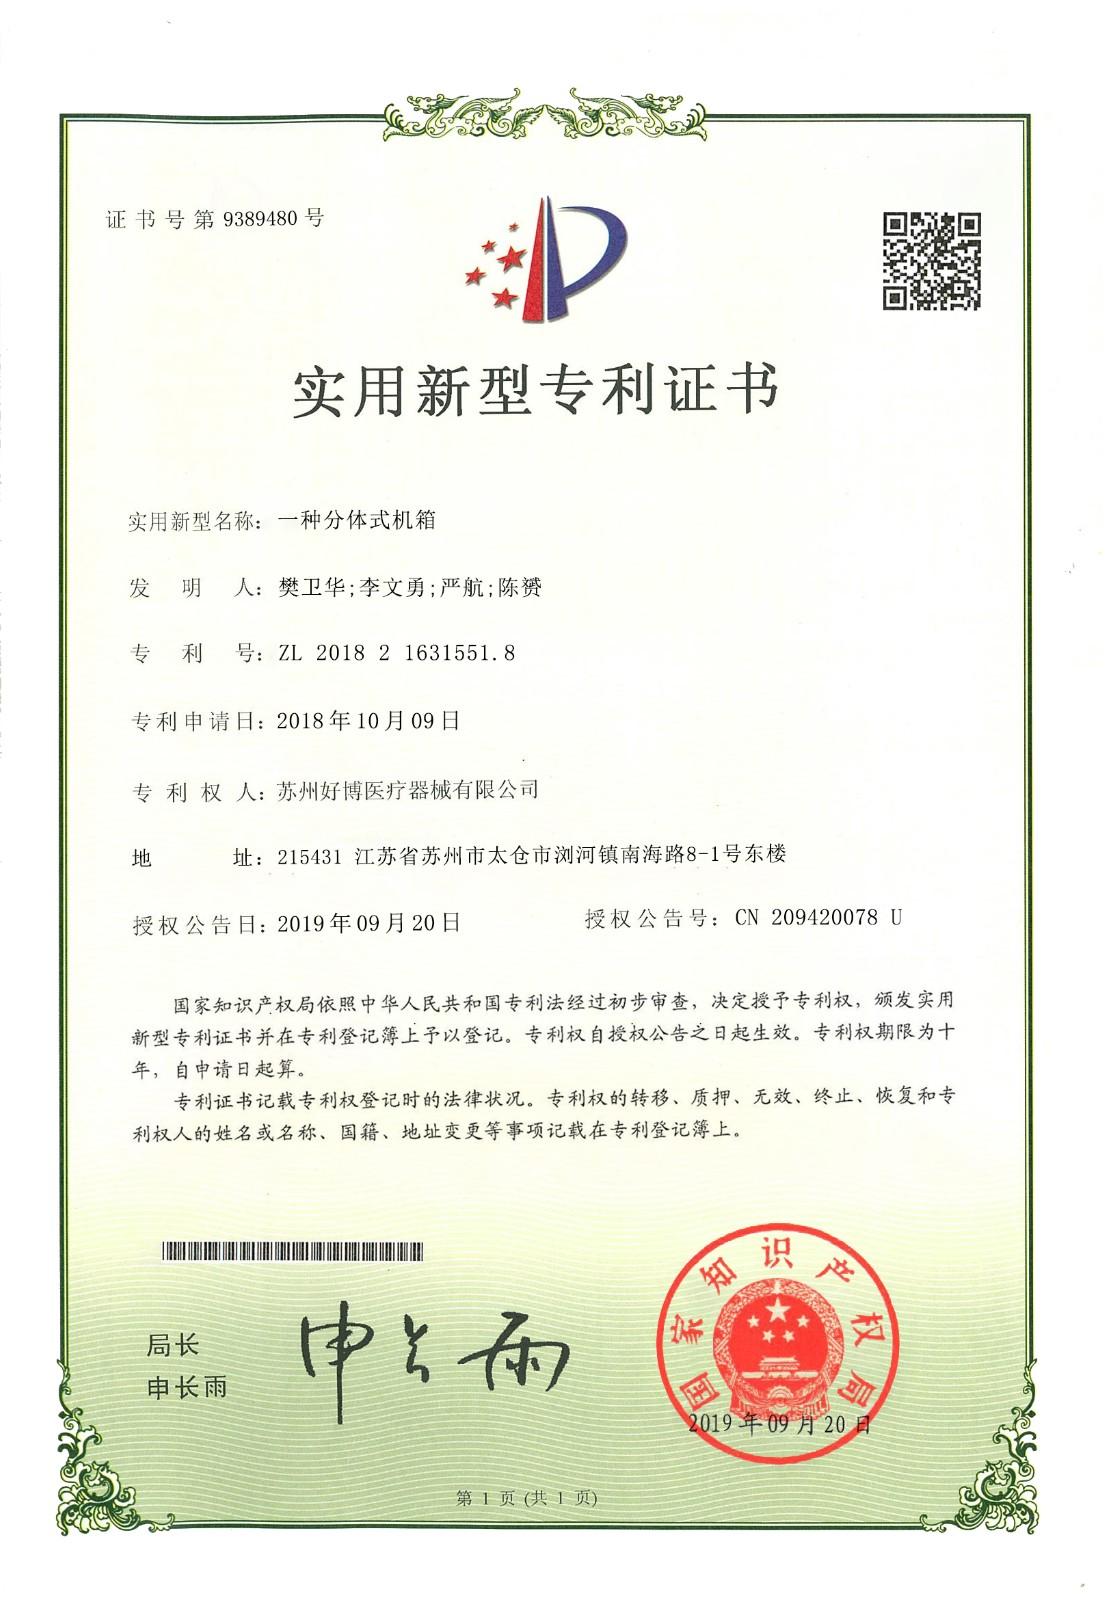 A-018-33 实用新型专利证书 一种分体式机箱 (证书号第9389480号)修改后.jpg